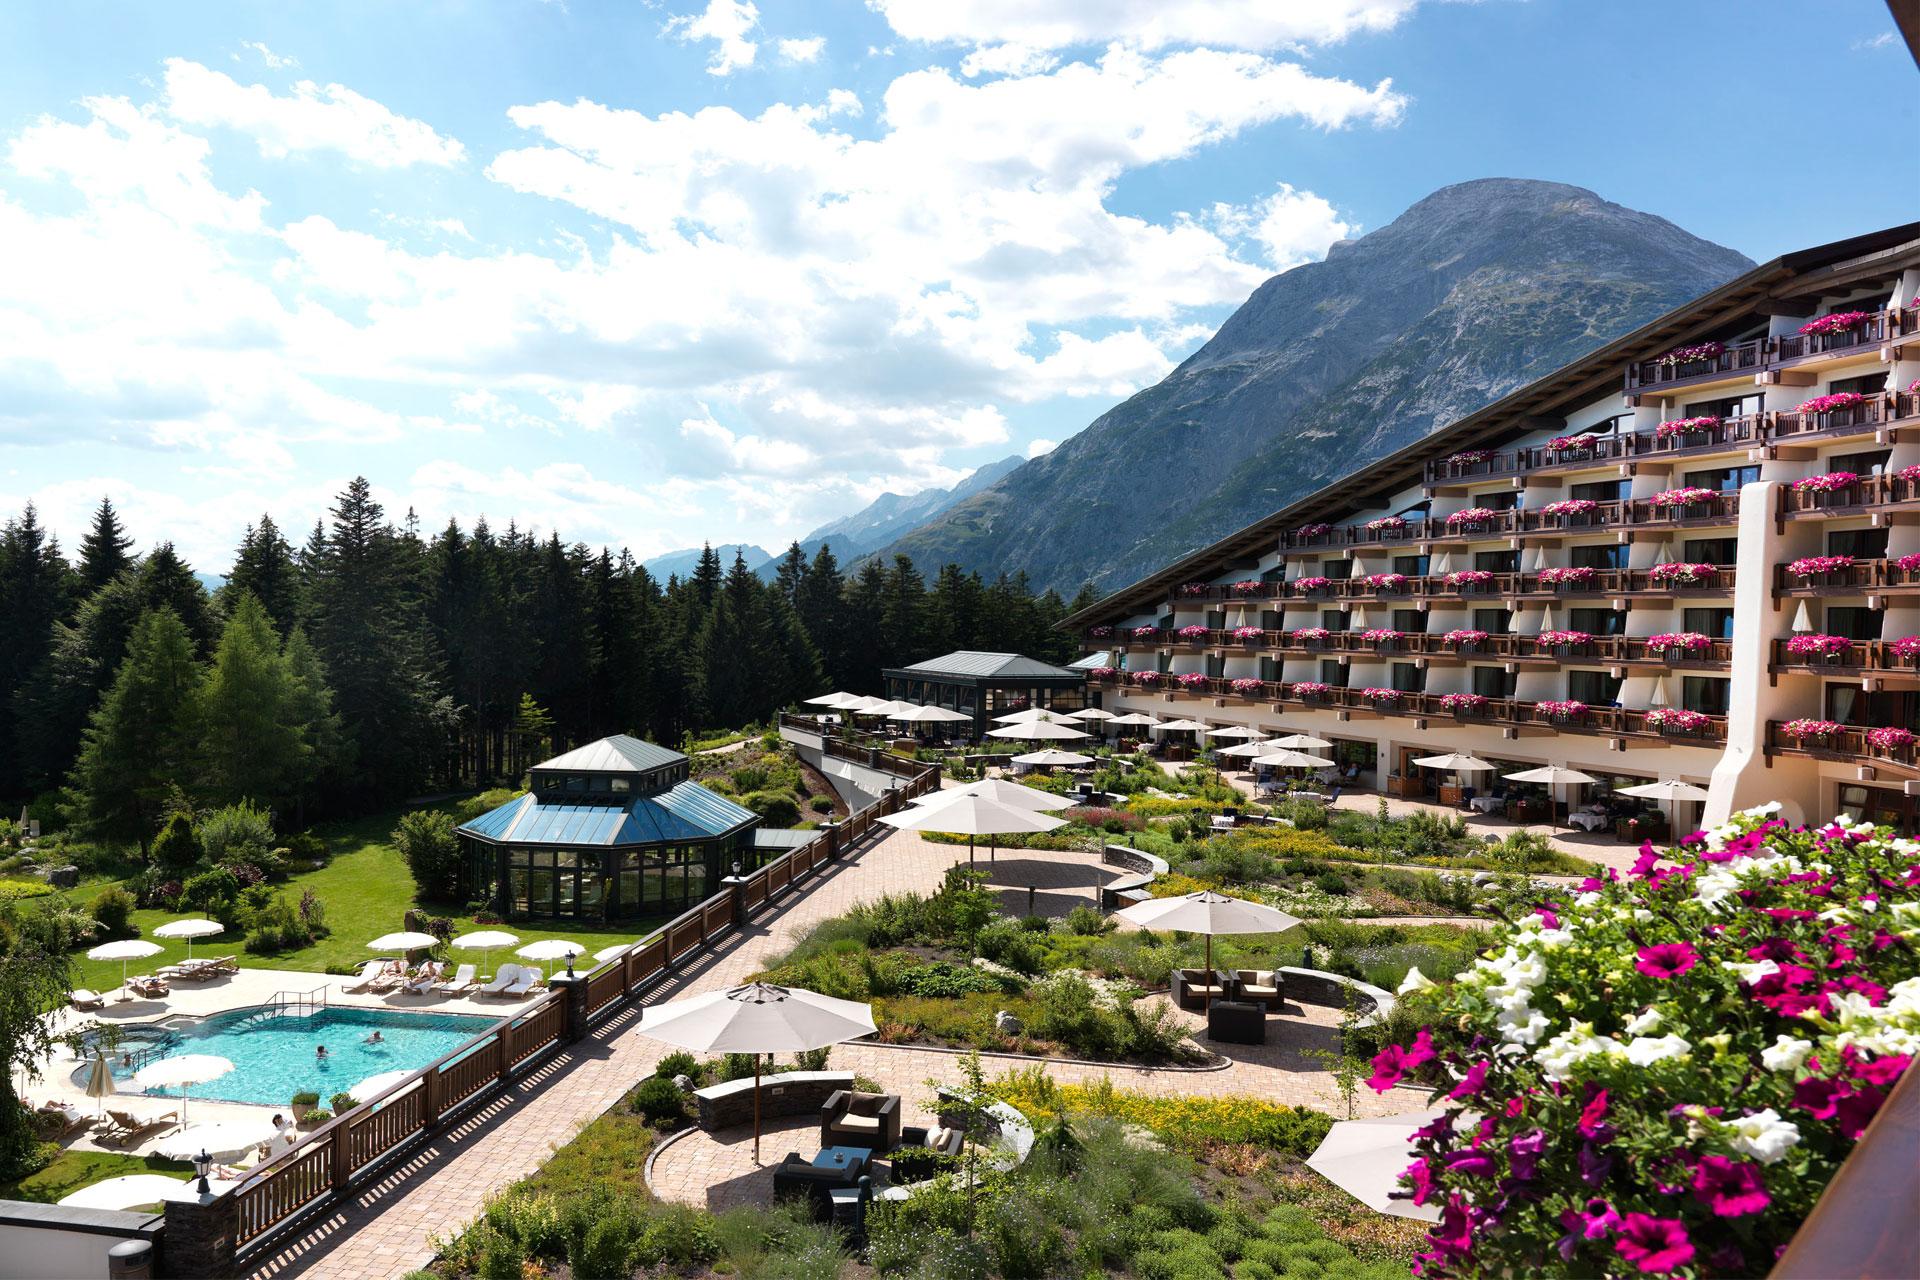 Vacanze con i bambini in Tirolo: offerta per un soggiorno di lusso ...